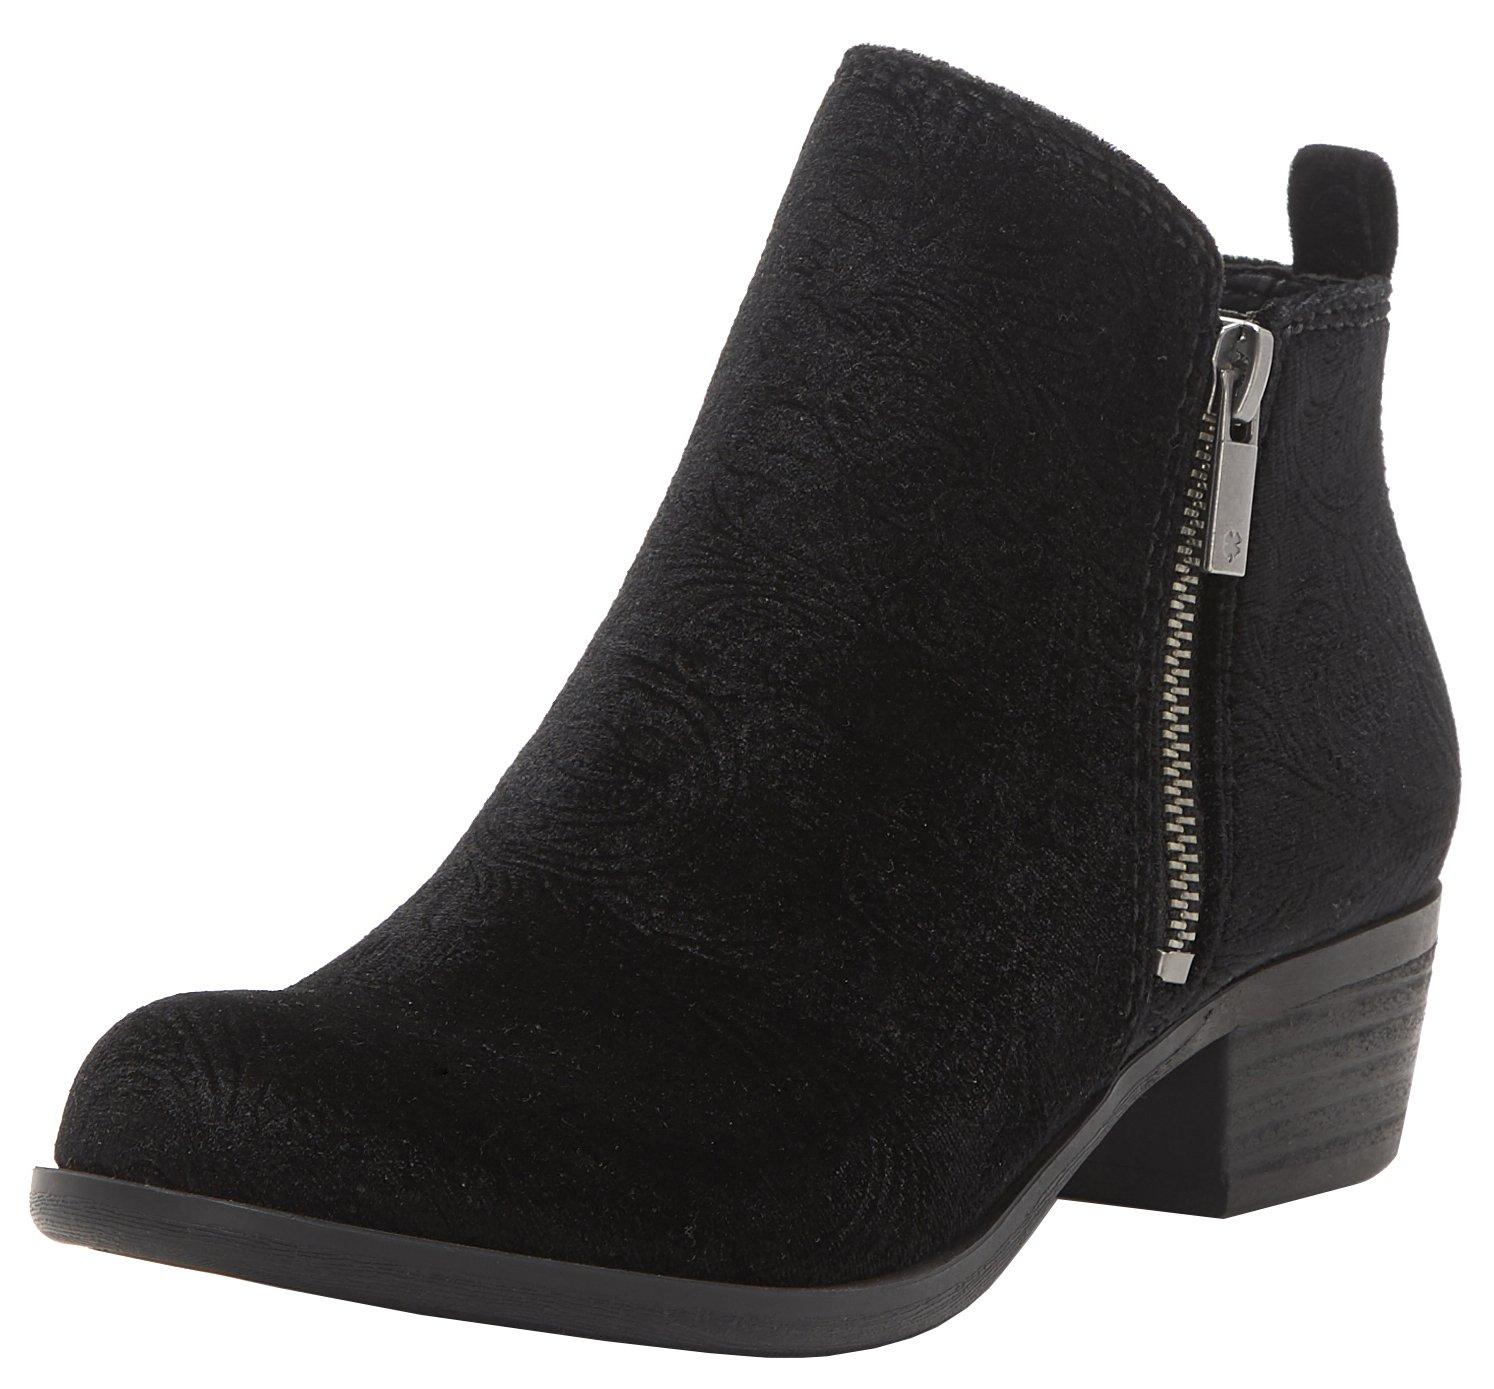 Lucky Brand Women's Basel Boot B074QT5D1P 11 B(M) US|Black Velvet